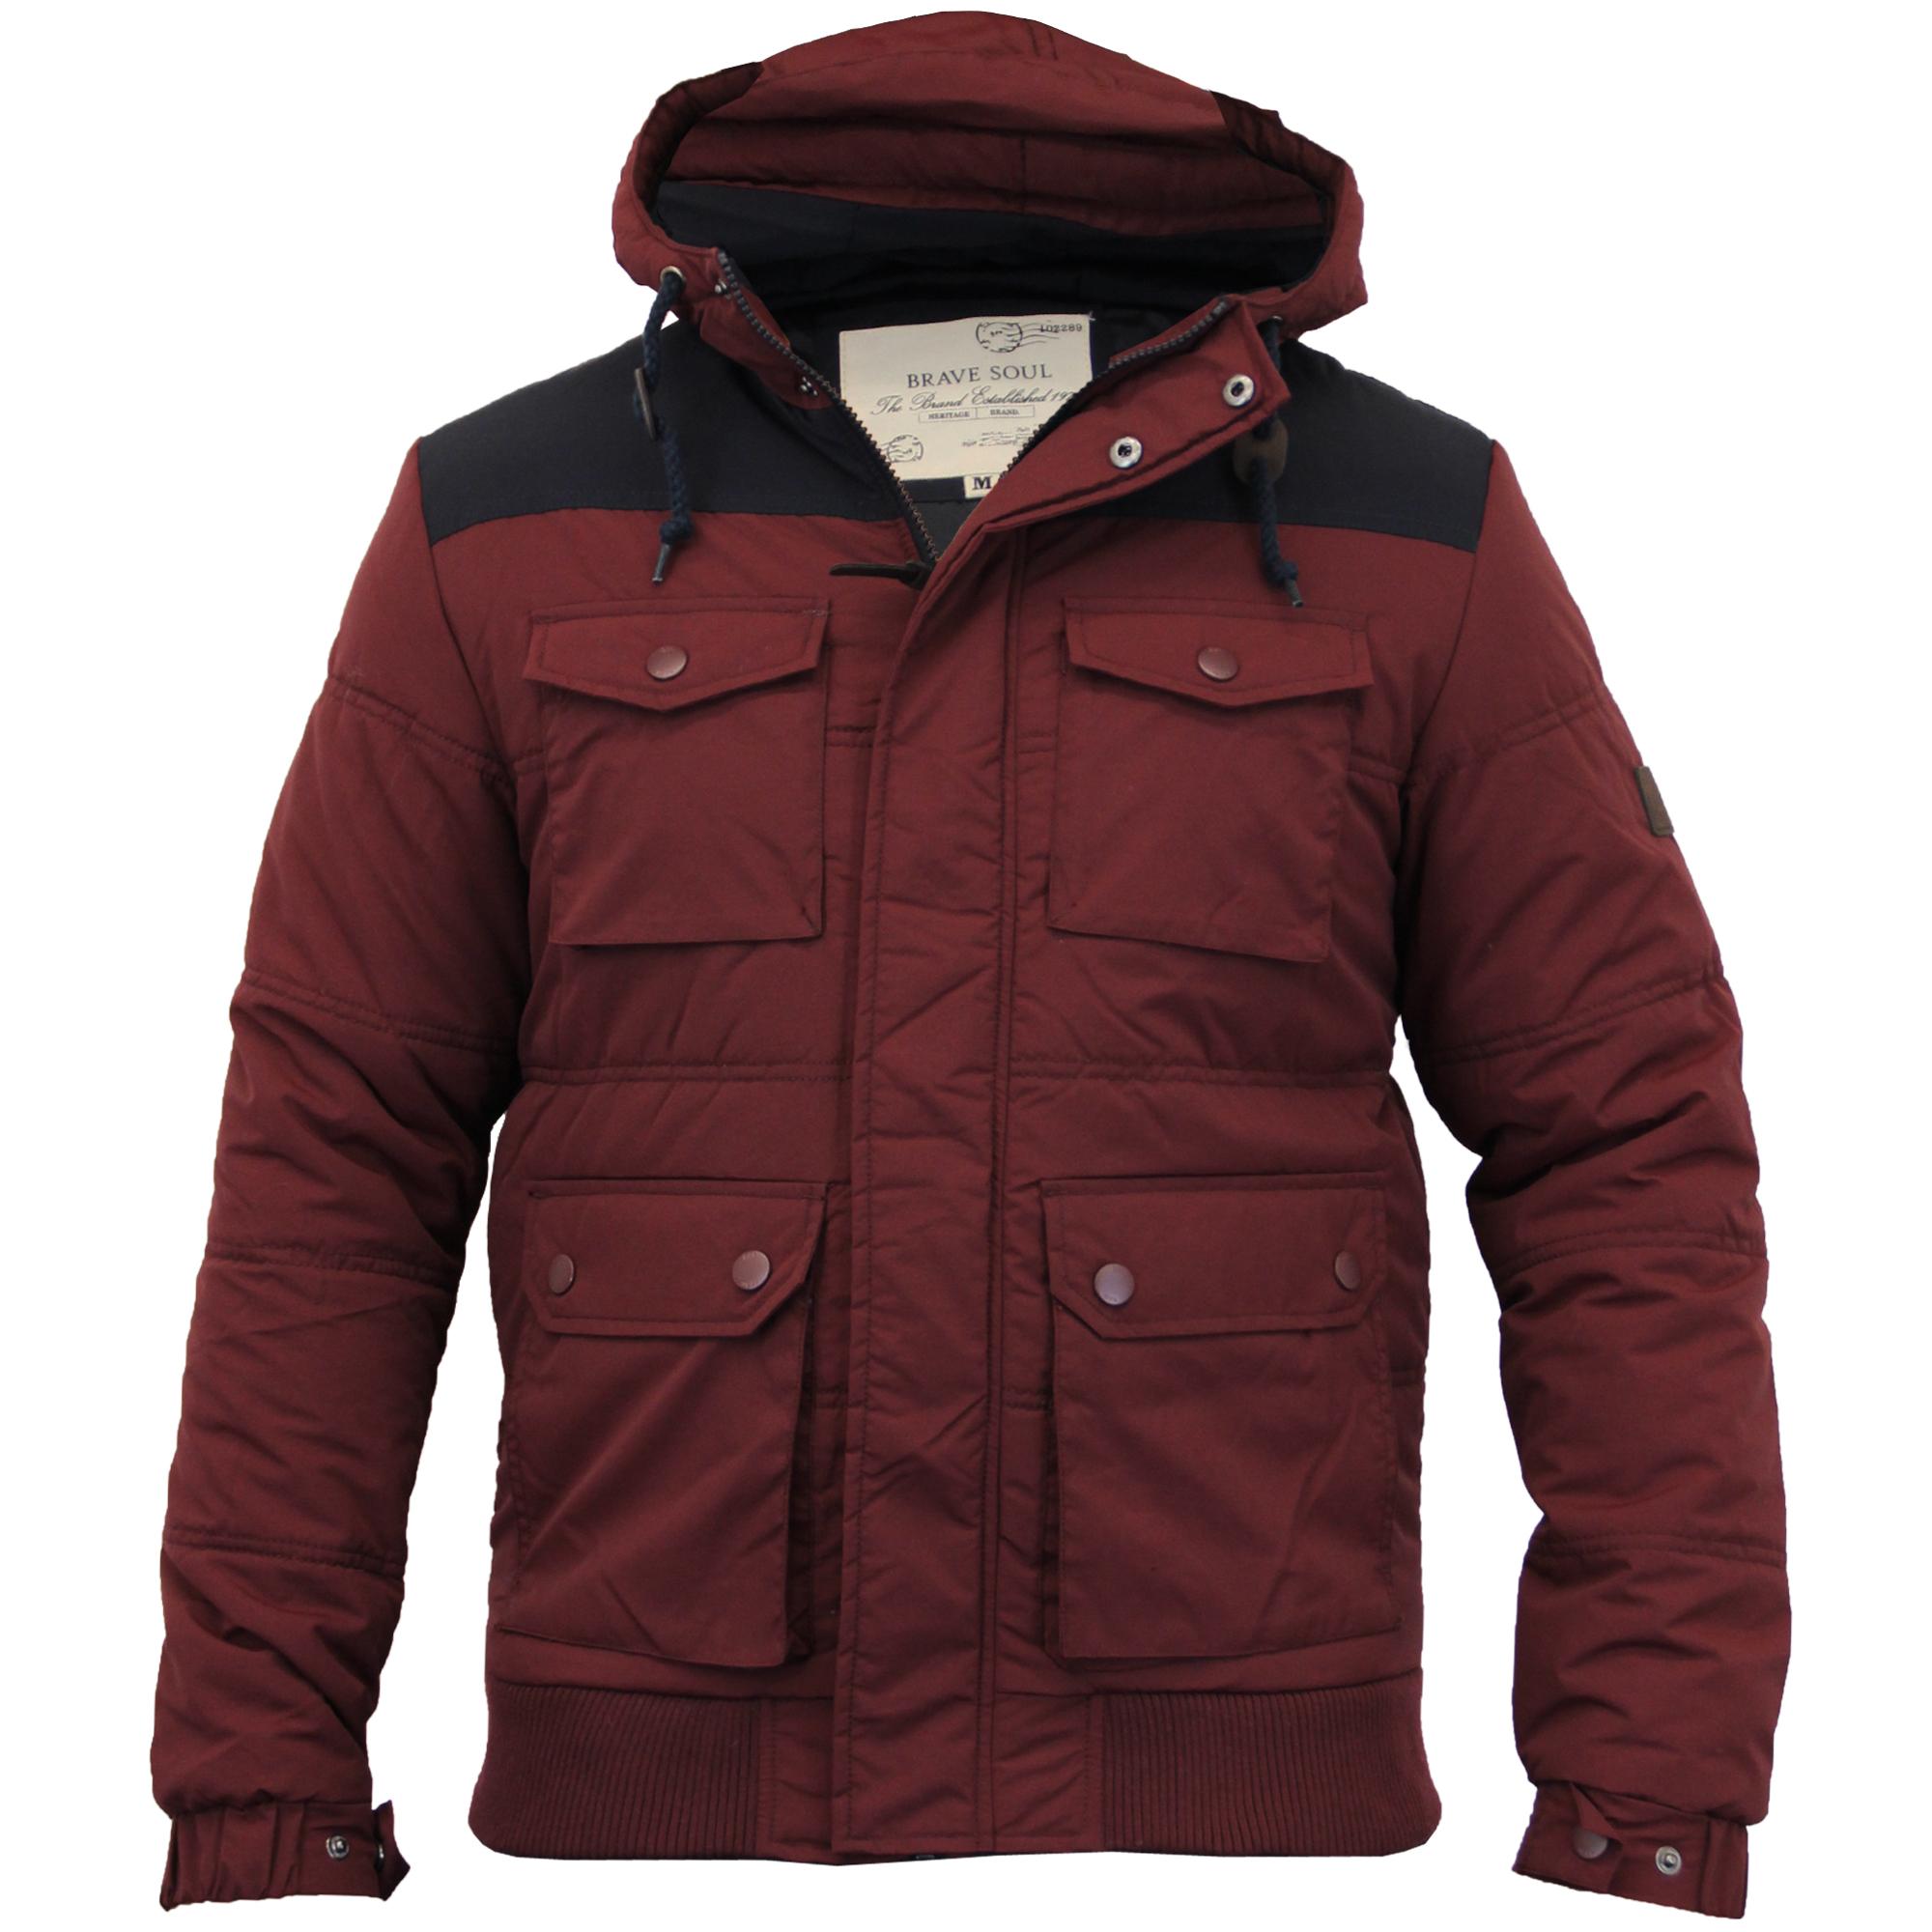 mens jacket brave soul coat padded hooded casual lined. Black Bedroom Furniture Sets. Home Design Ideas